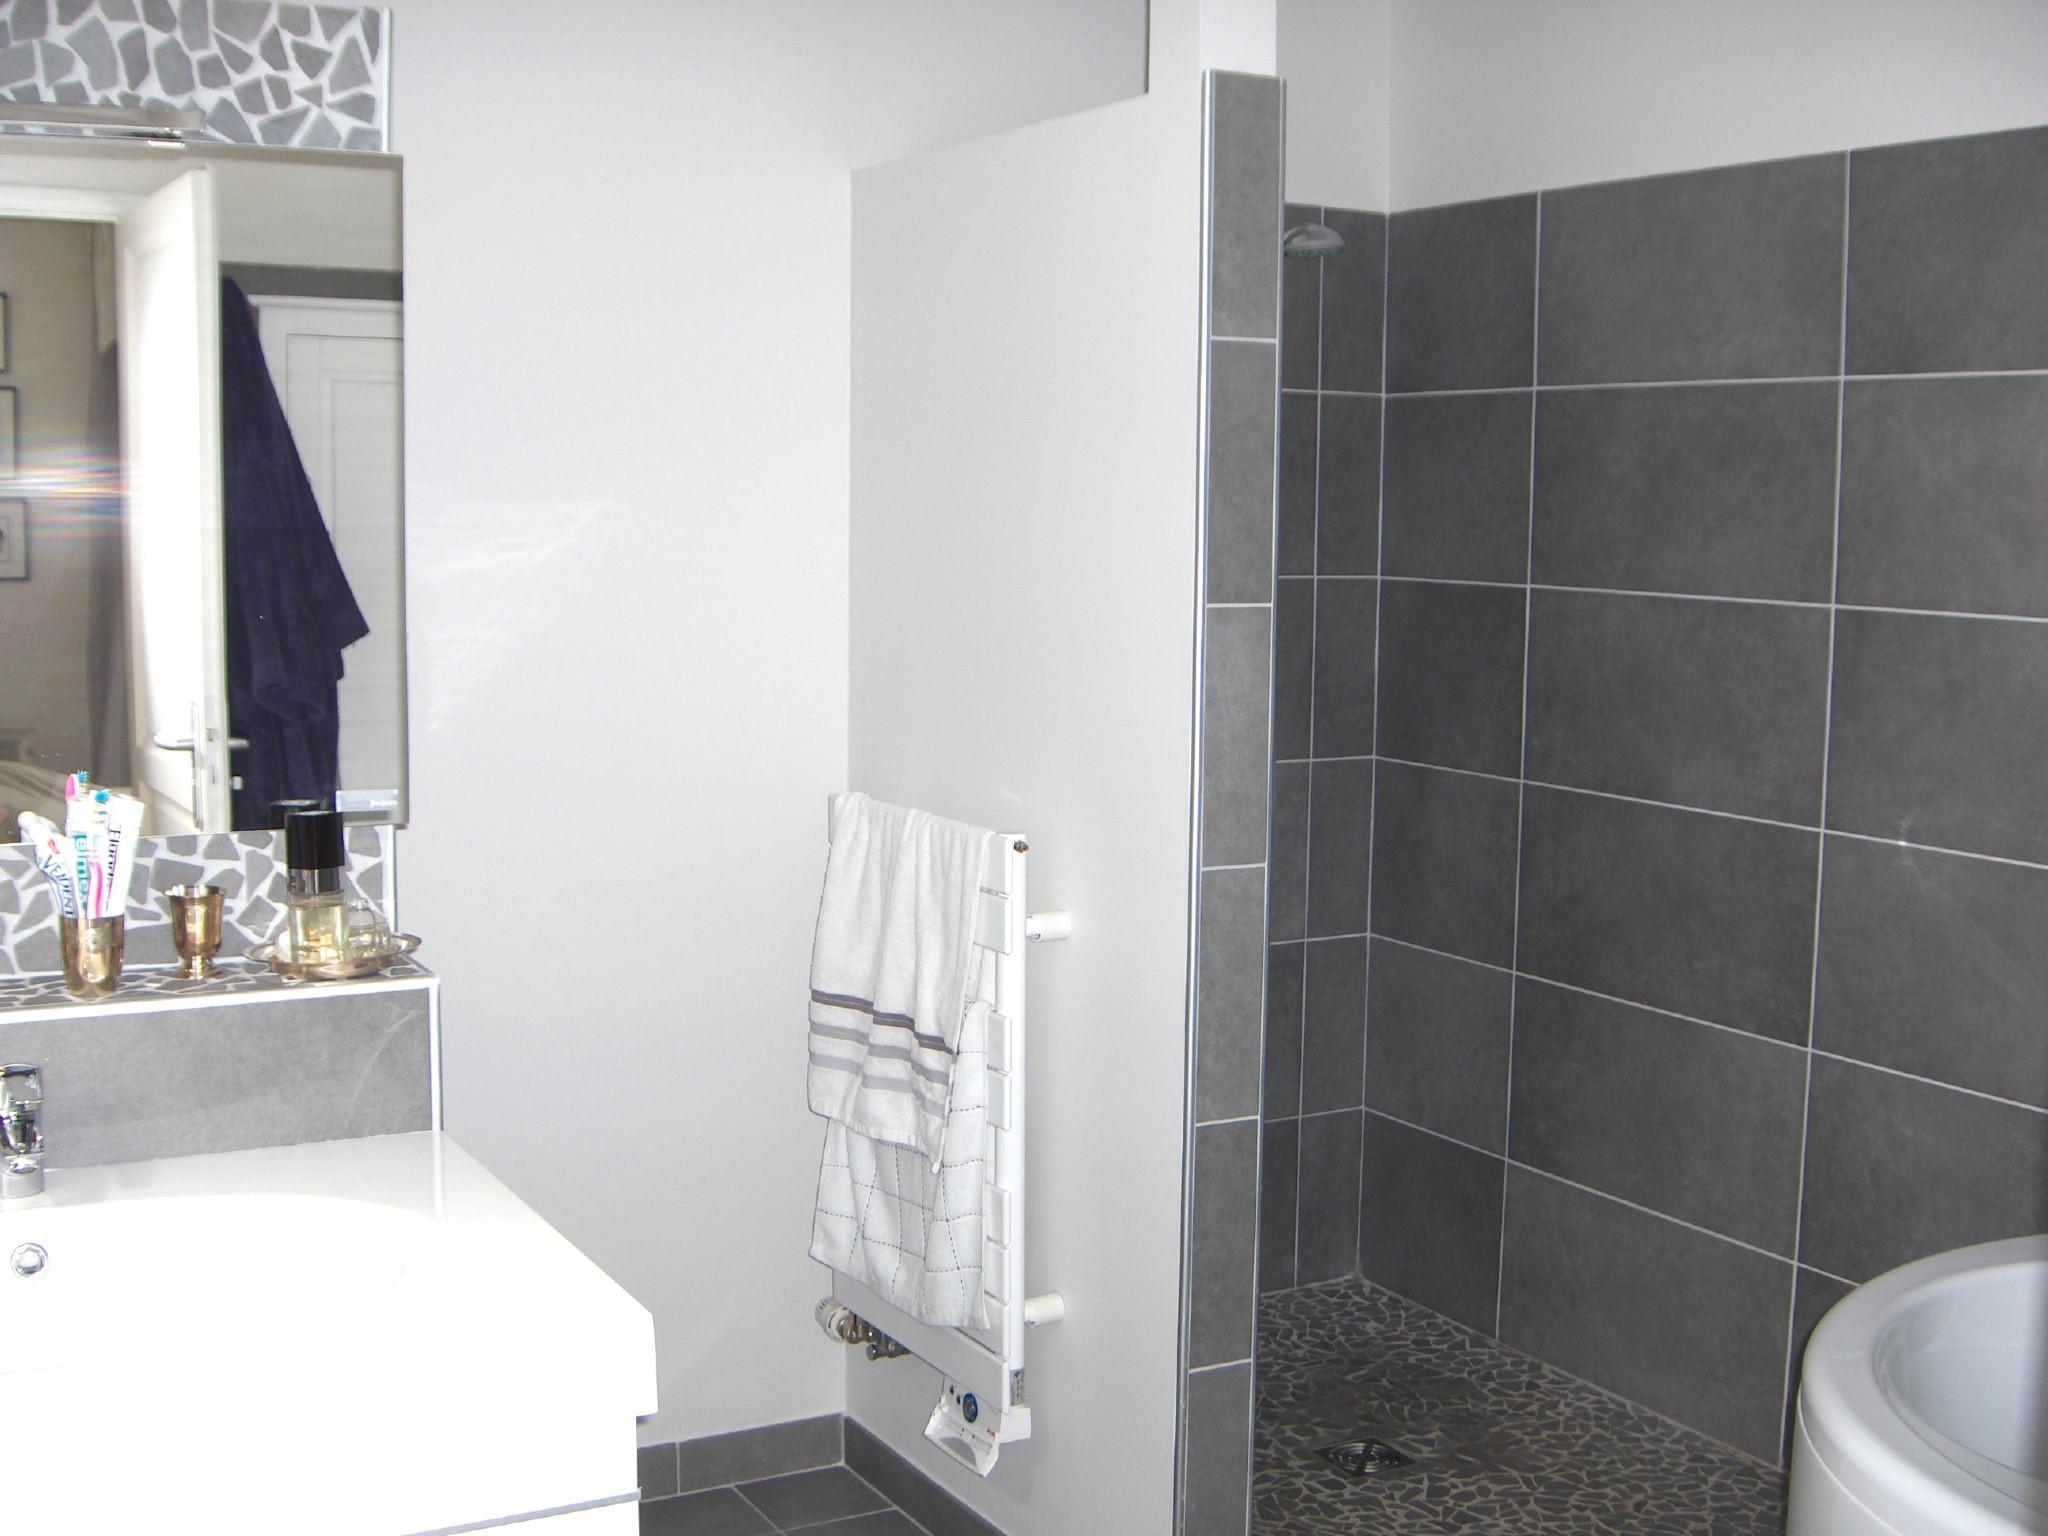 Carrelage blanc gris salle de bain - Atwebster.fr - Maison et mobilier